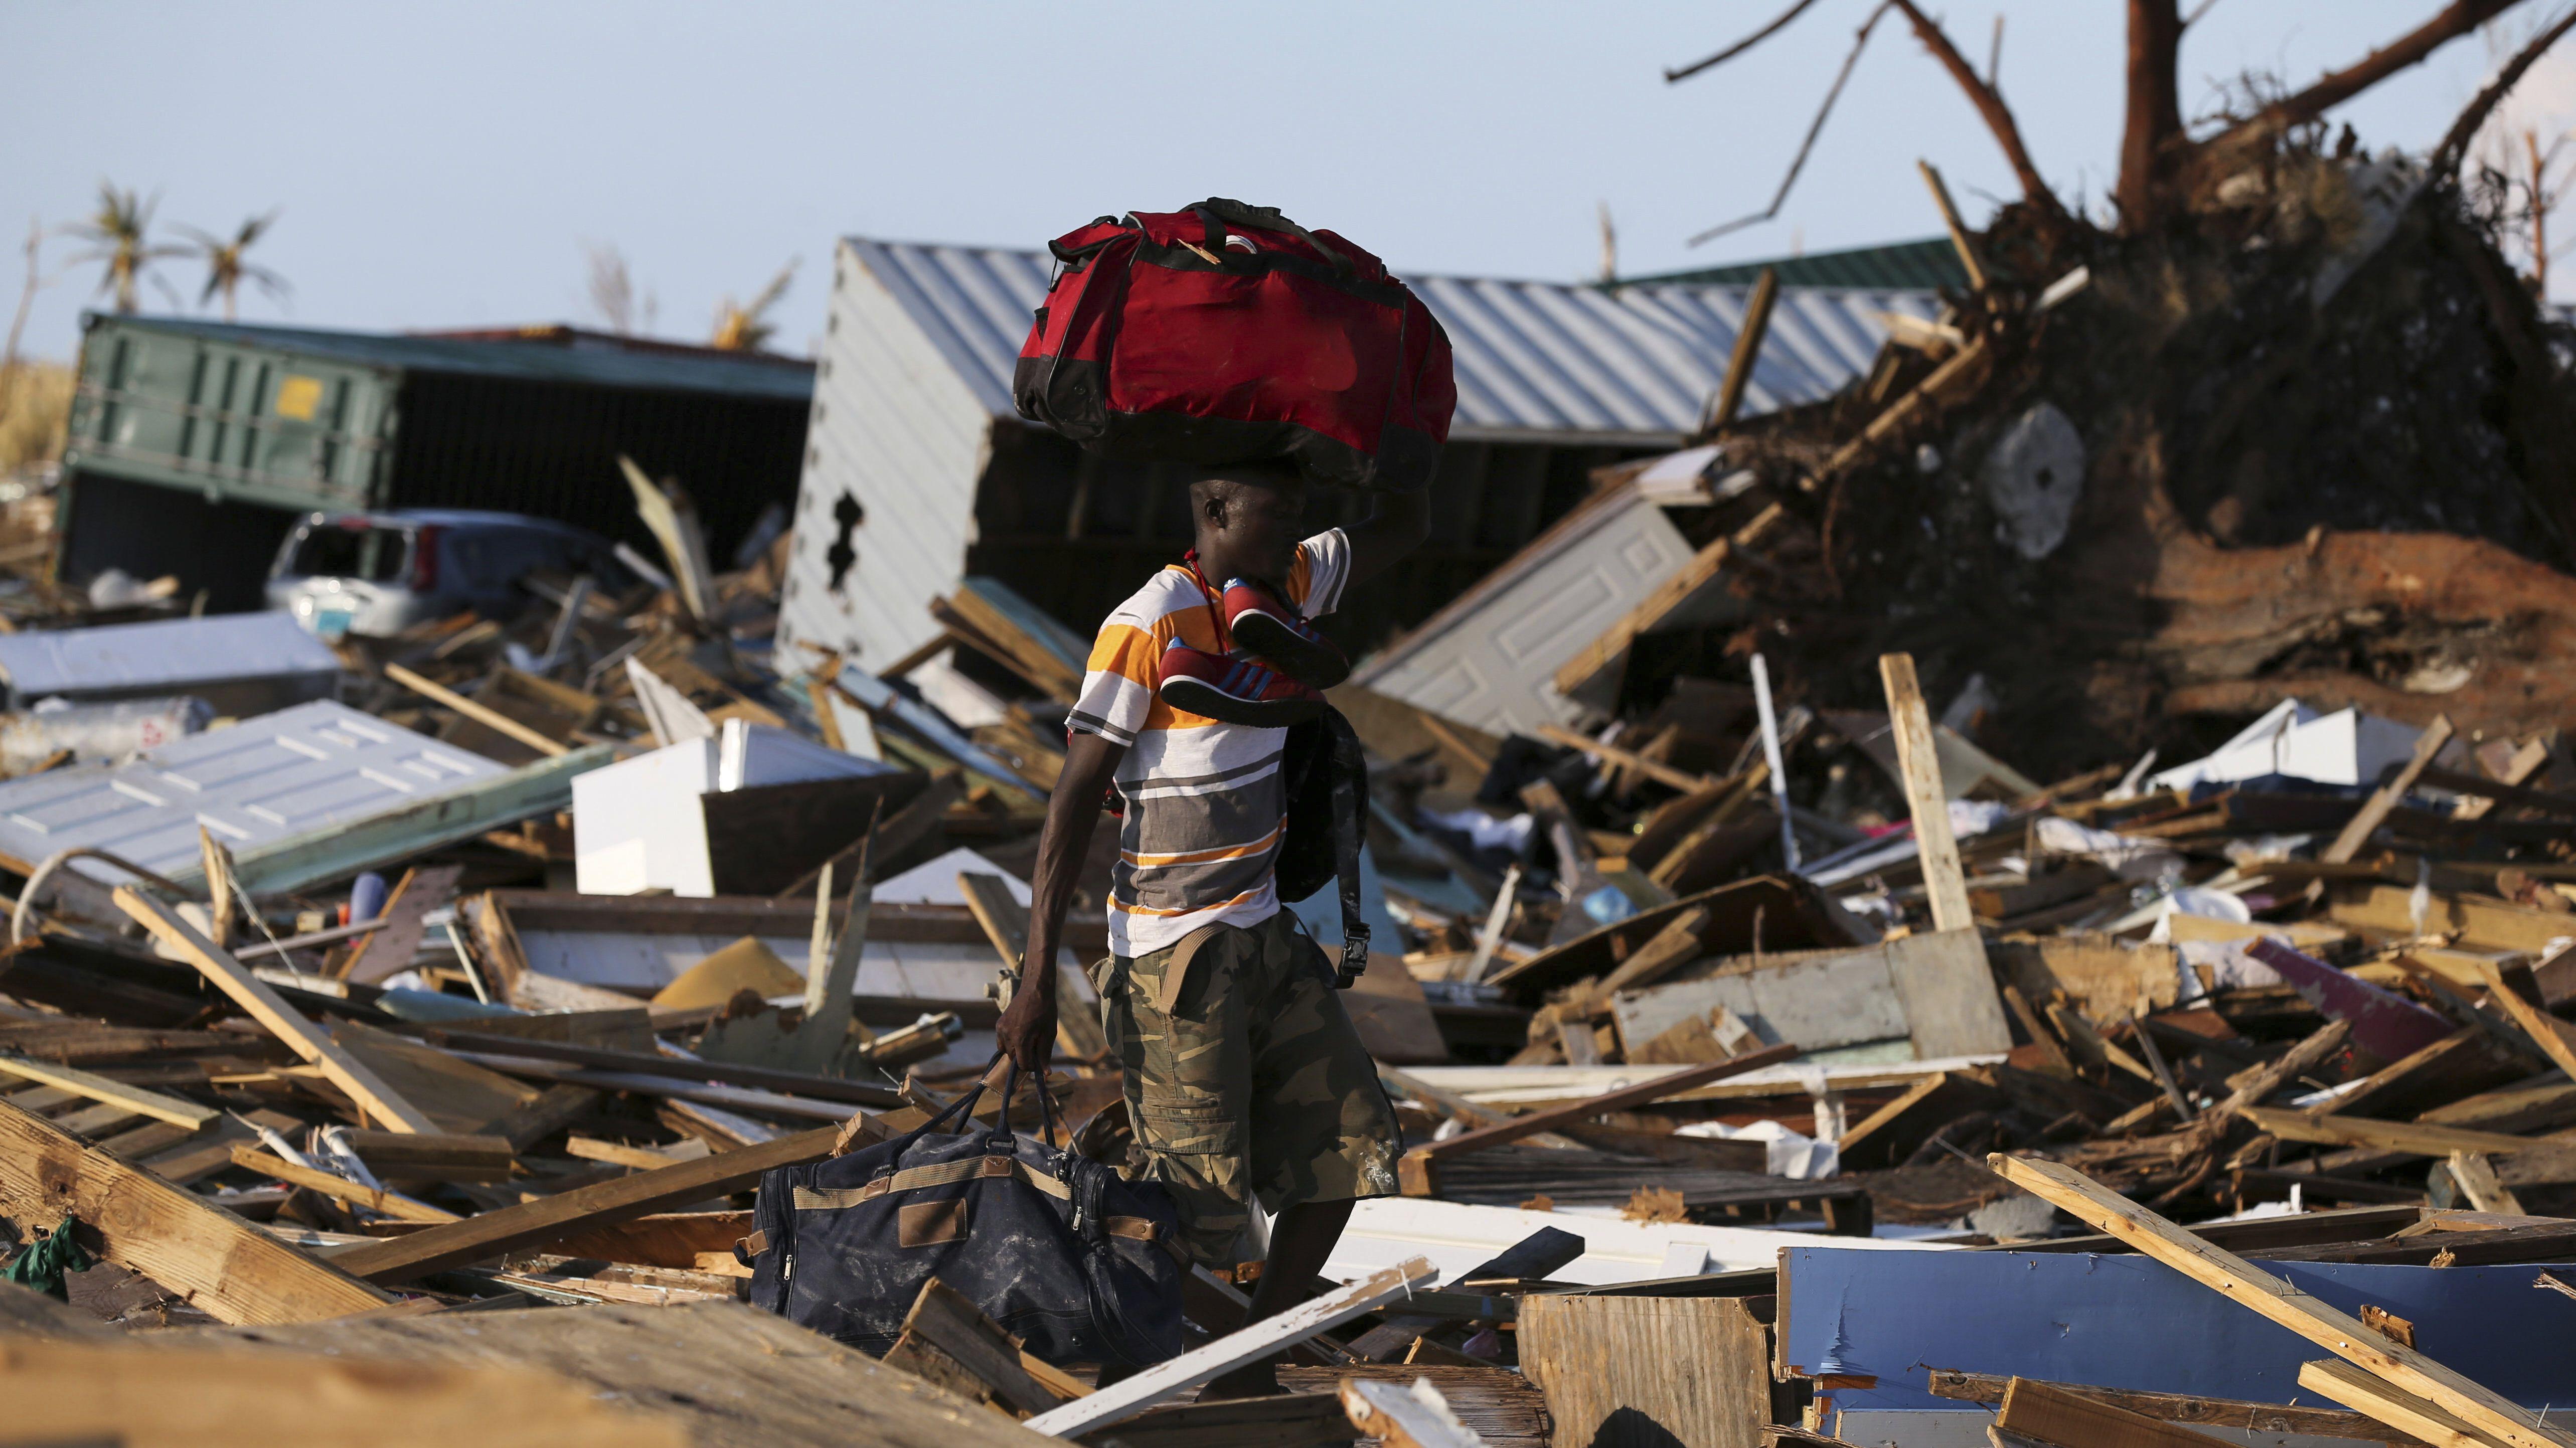 """Ein Mann trägt seine Habseligkeiten auf dem Rücken, während er durch das vom Hurrikan """"Dorian"""" zerstörte Wohngebiet läuft."""